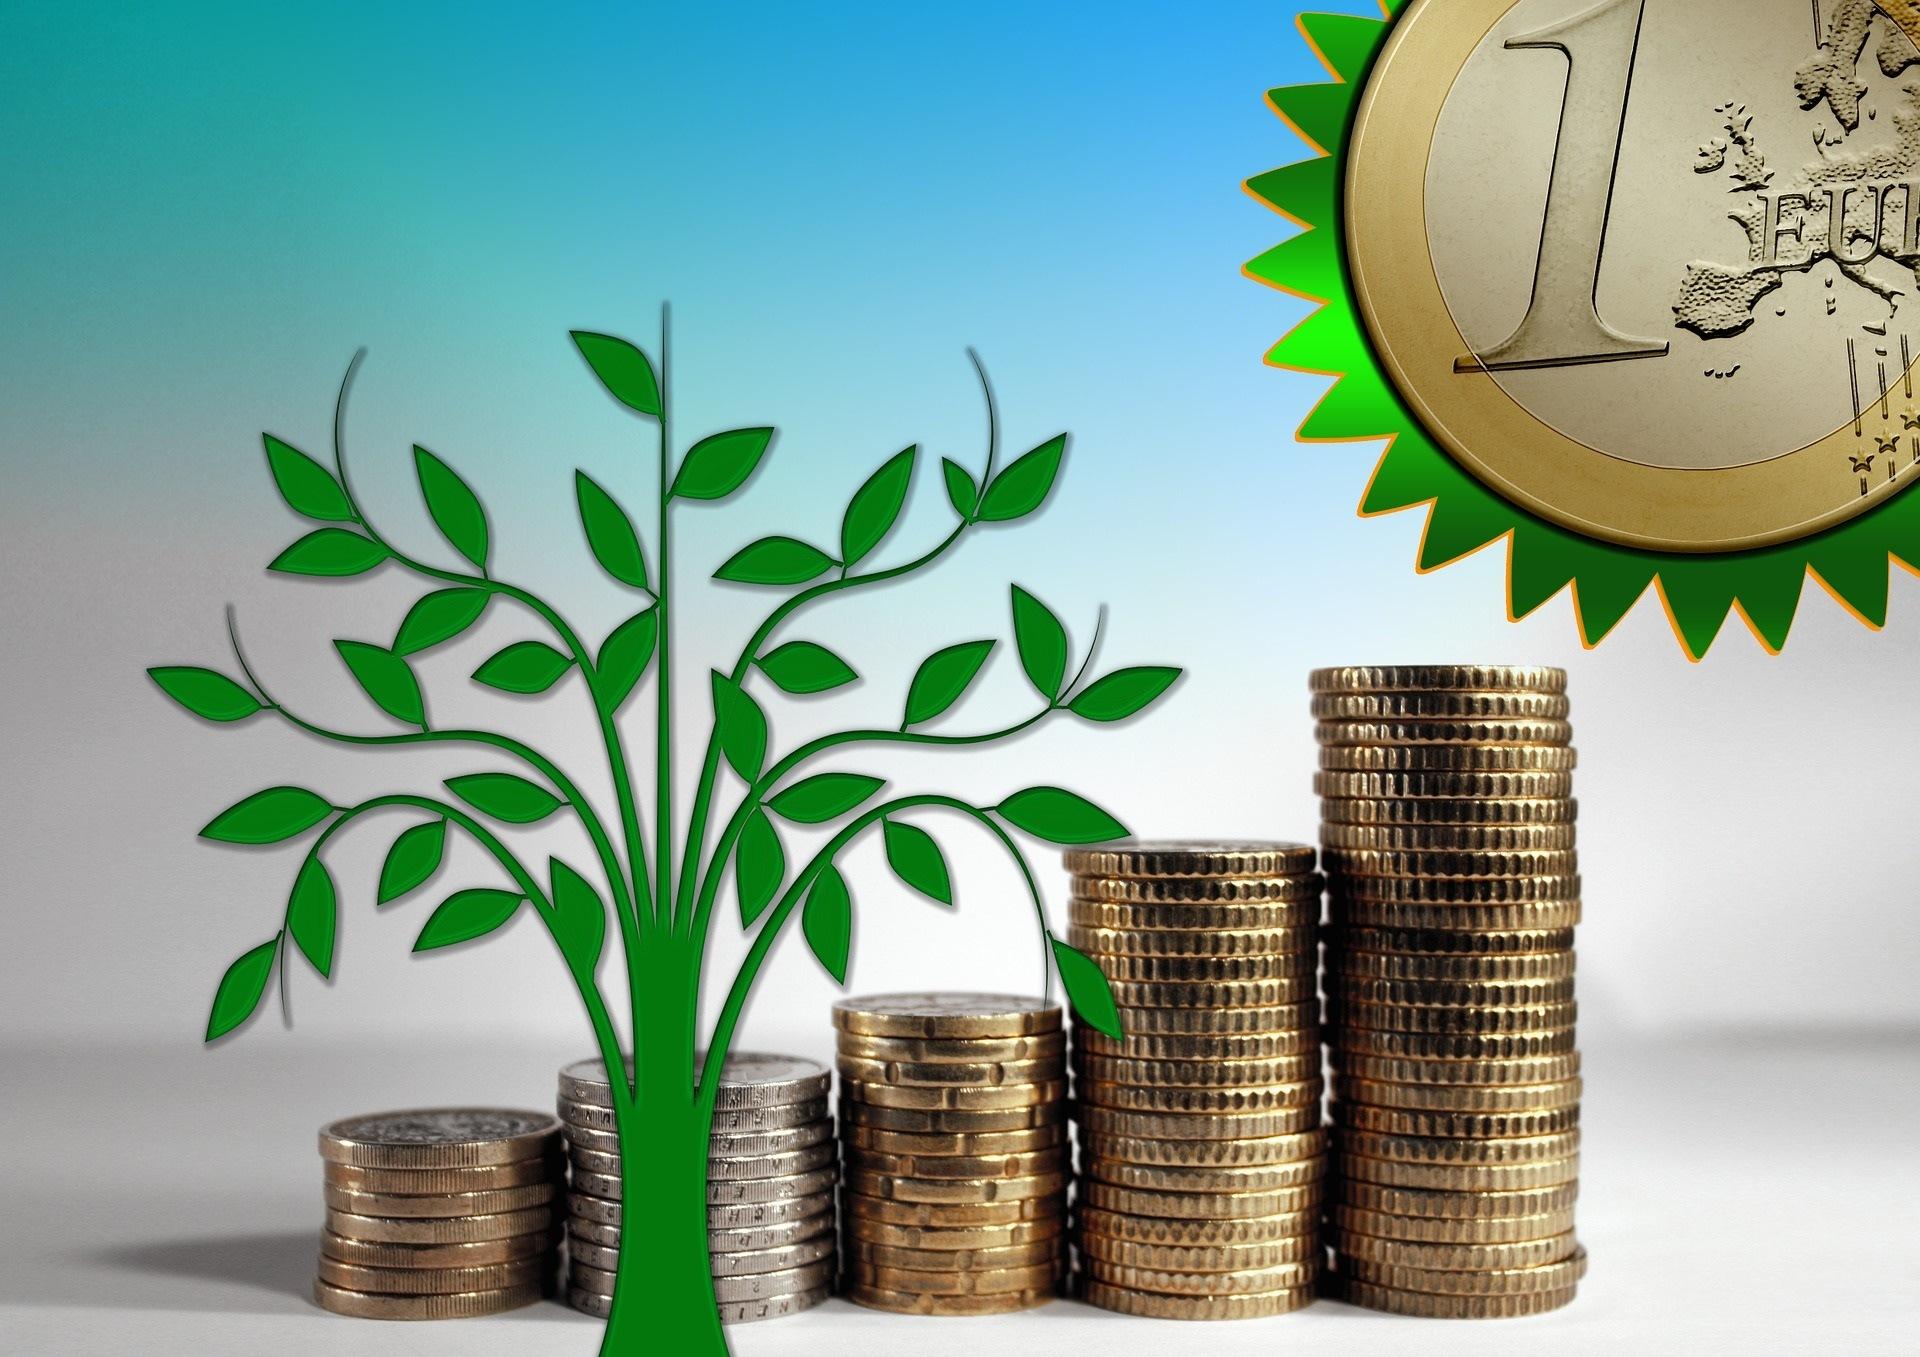 La svolta ambientale grazie ai fondi europei